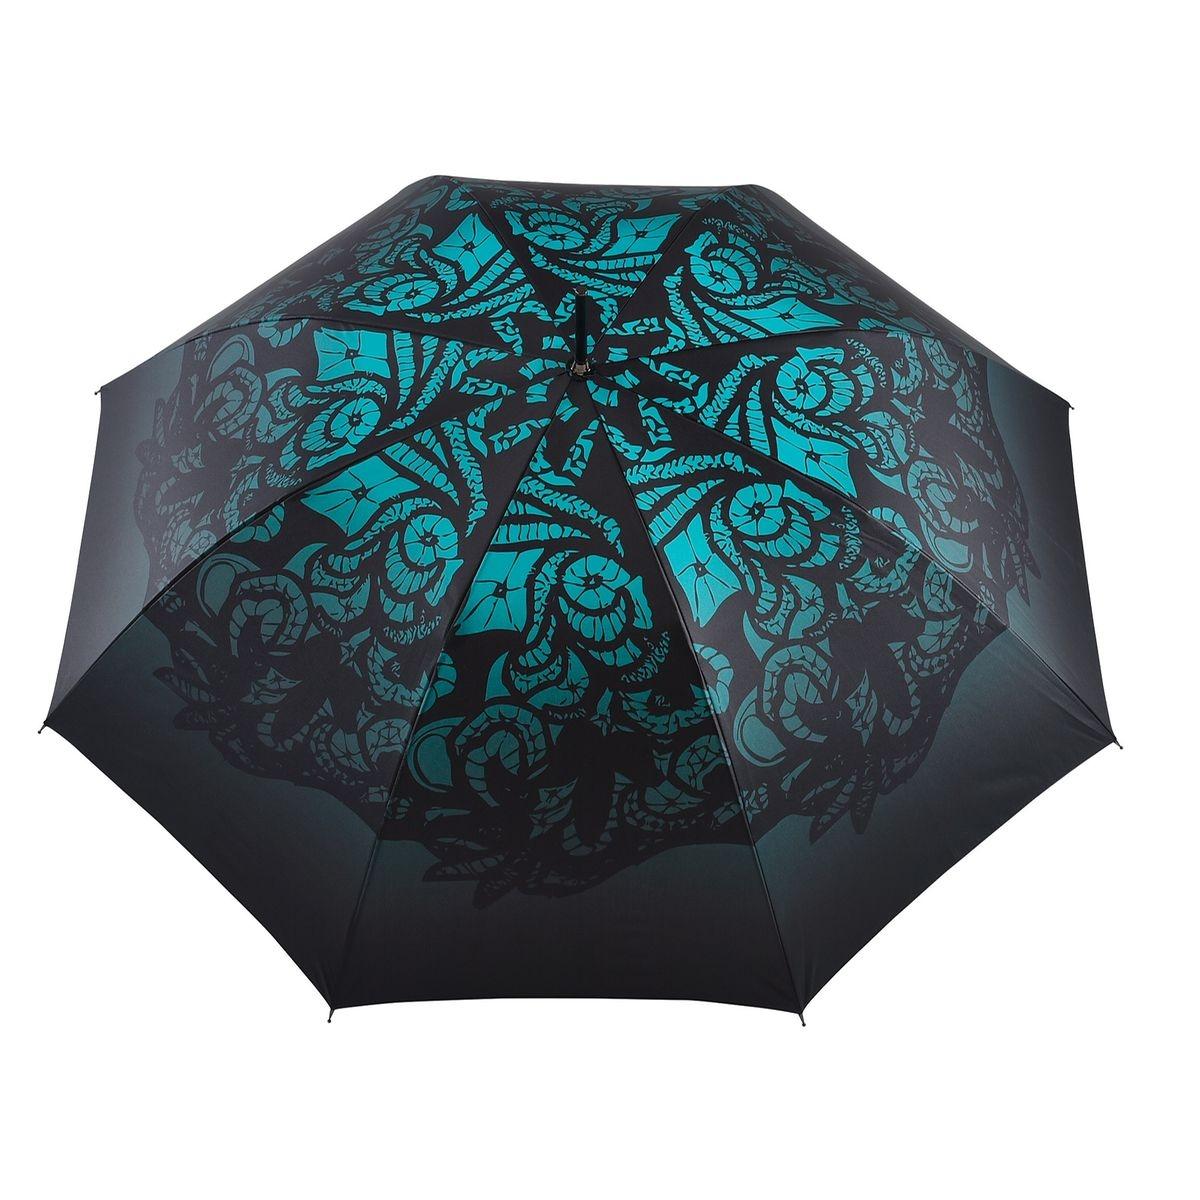 Parapluie NEYRAT Autun - Imprimé psychédélique - Mini - Pliant - Bleu